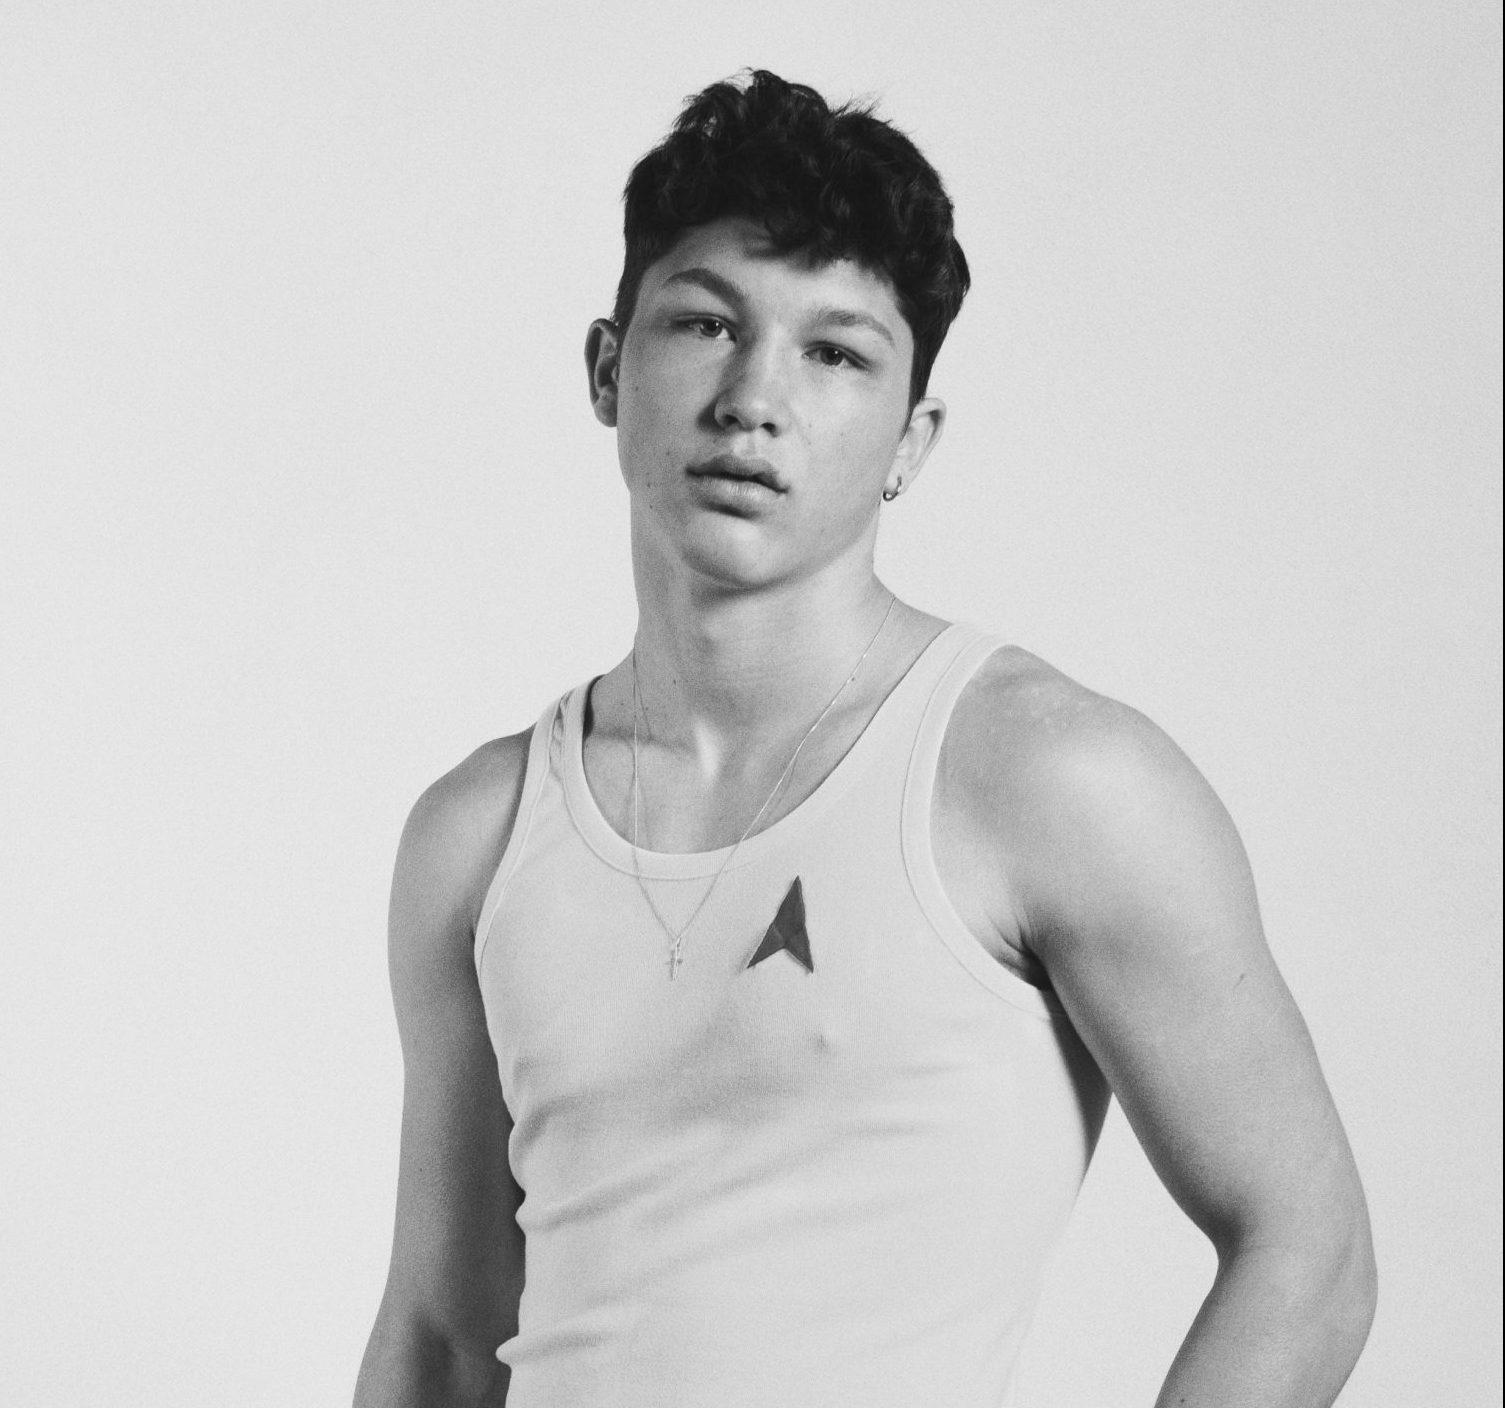 VT Meets GRAO VT Meets GRAO Vanity Teen 虚荣青年 Menswear & new faces magazine